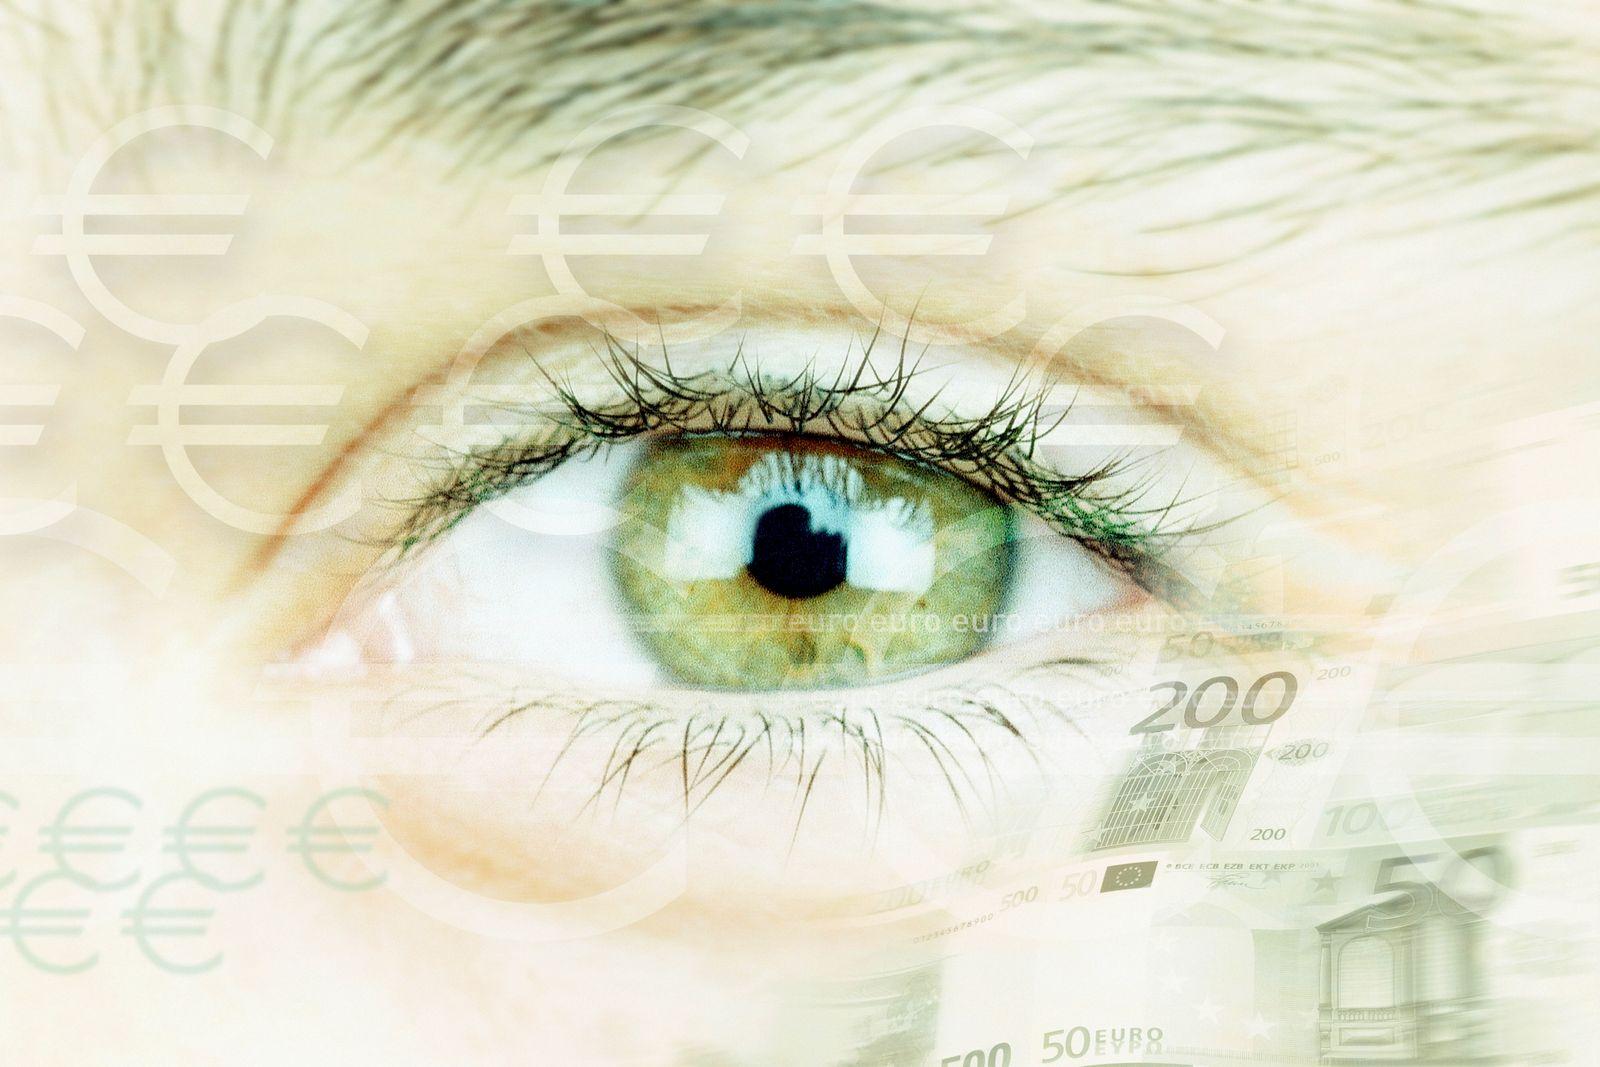 NICHT MEHR VERWENDEN! - Euro / Vision / Auge